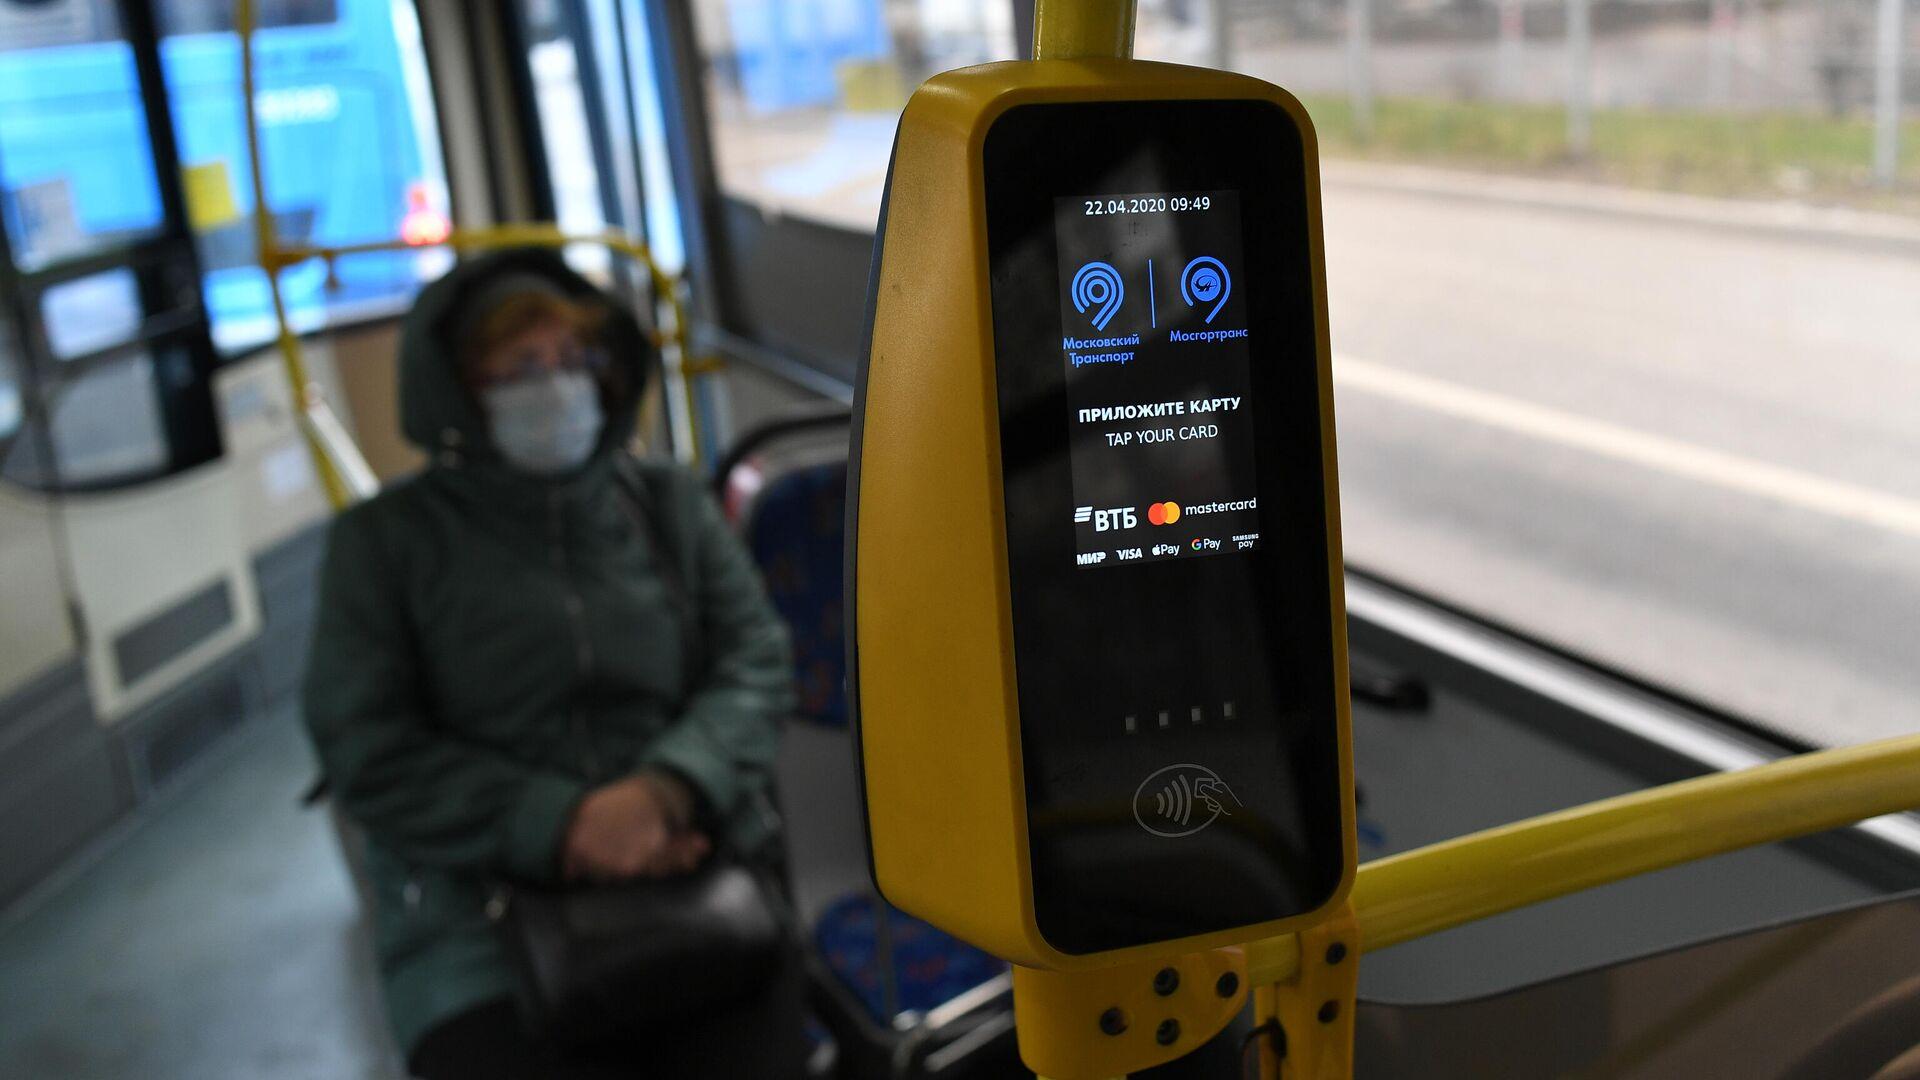 Пассажир в защитной маске в салоне городского автобуса в Москве - РИА Новости, 1920, 09.02.2021